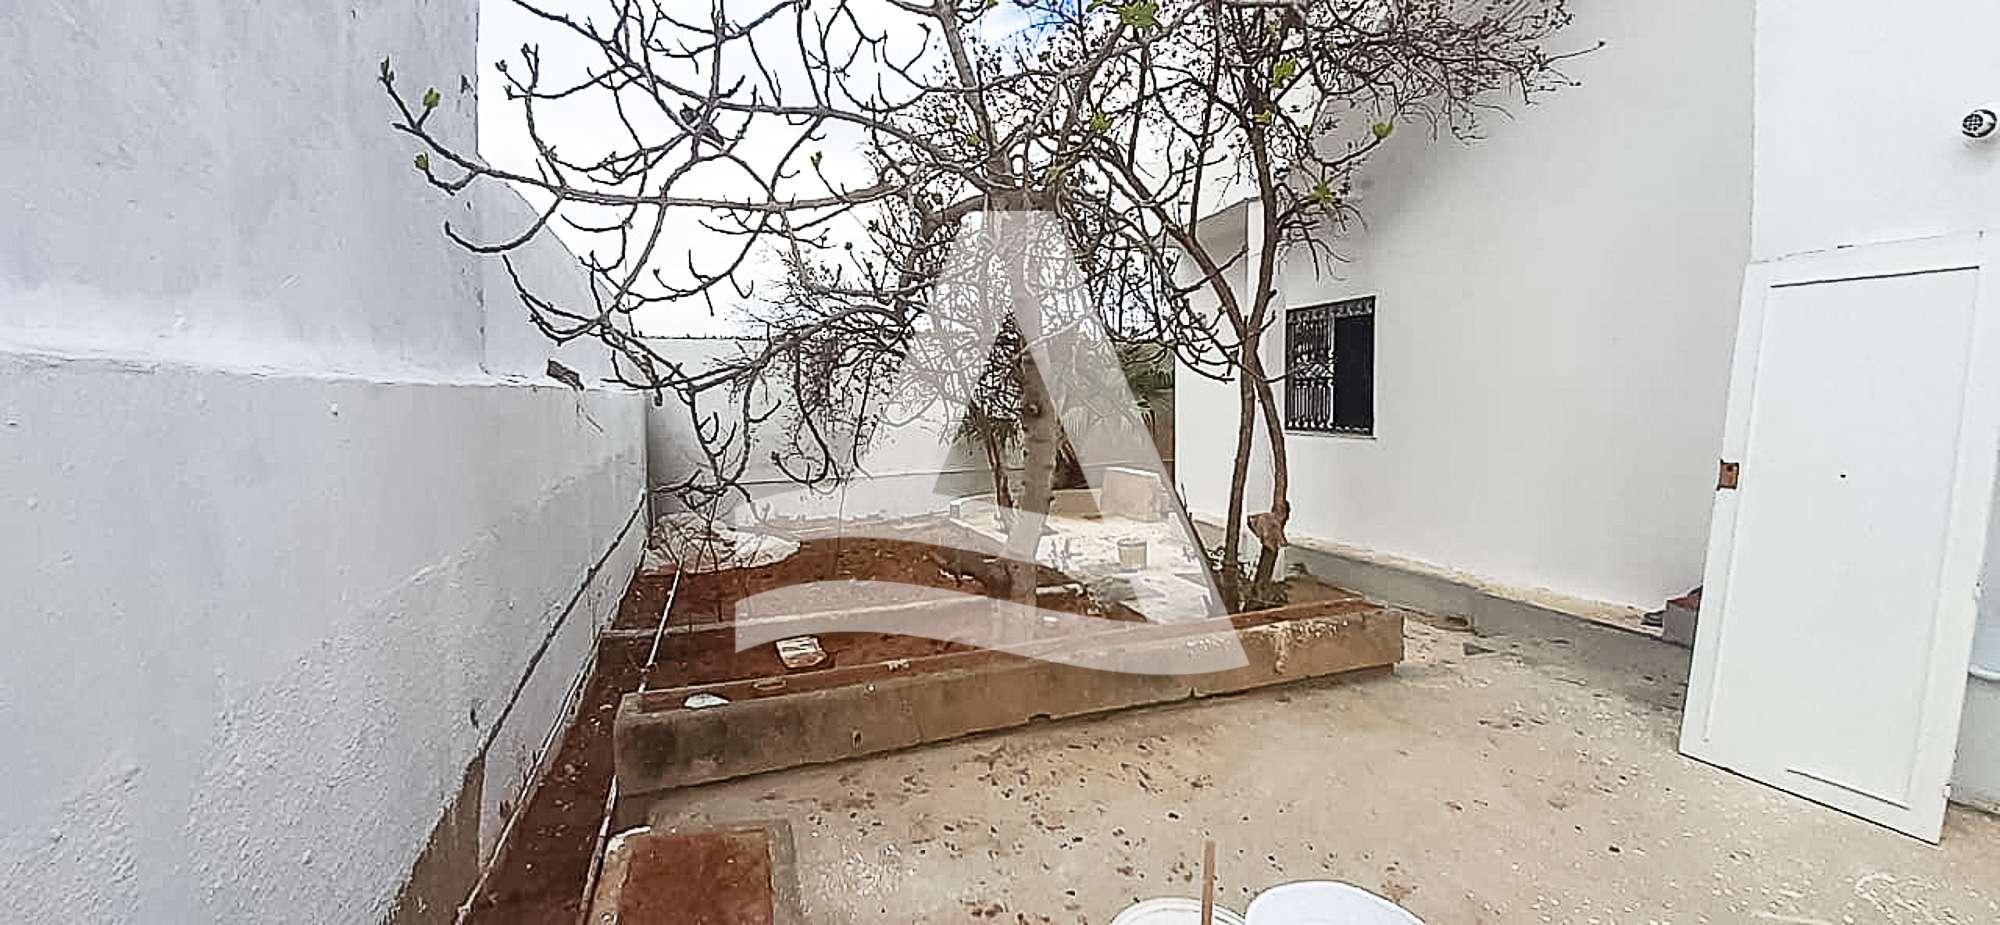 httpss3.amazonaws.comlogimoaws_Arcane_immobilière_la_Marsa-_location_-_vente_la_marsa__-4_1583581616910